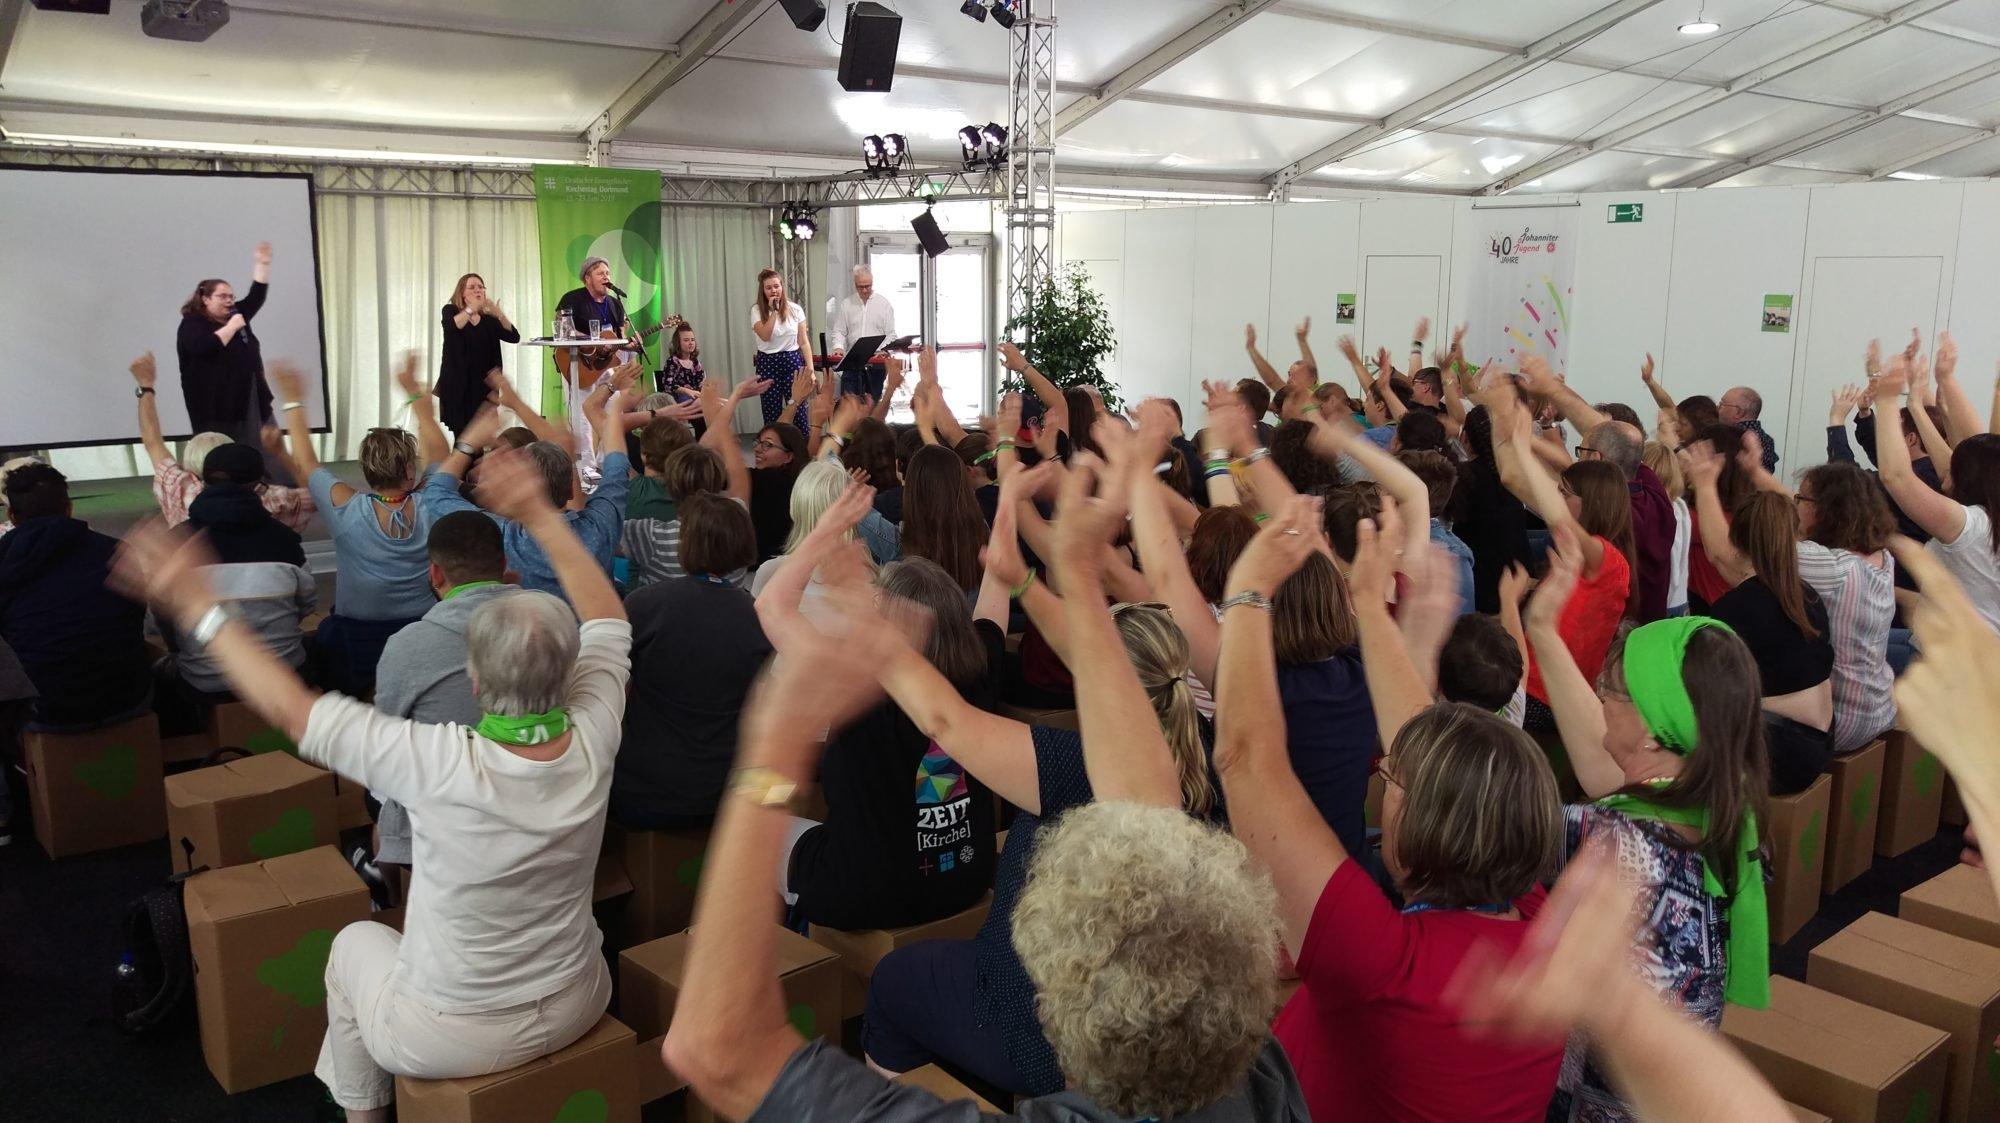 Foto über die Köpfe des Publikums hinweg. Alle Hände gehen nach oben. Auf der Bühne spielt die Band.